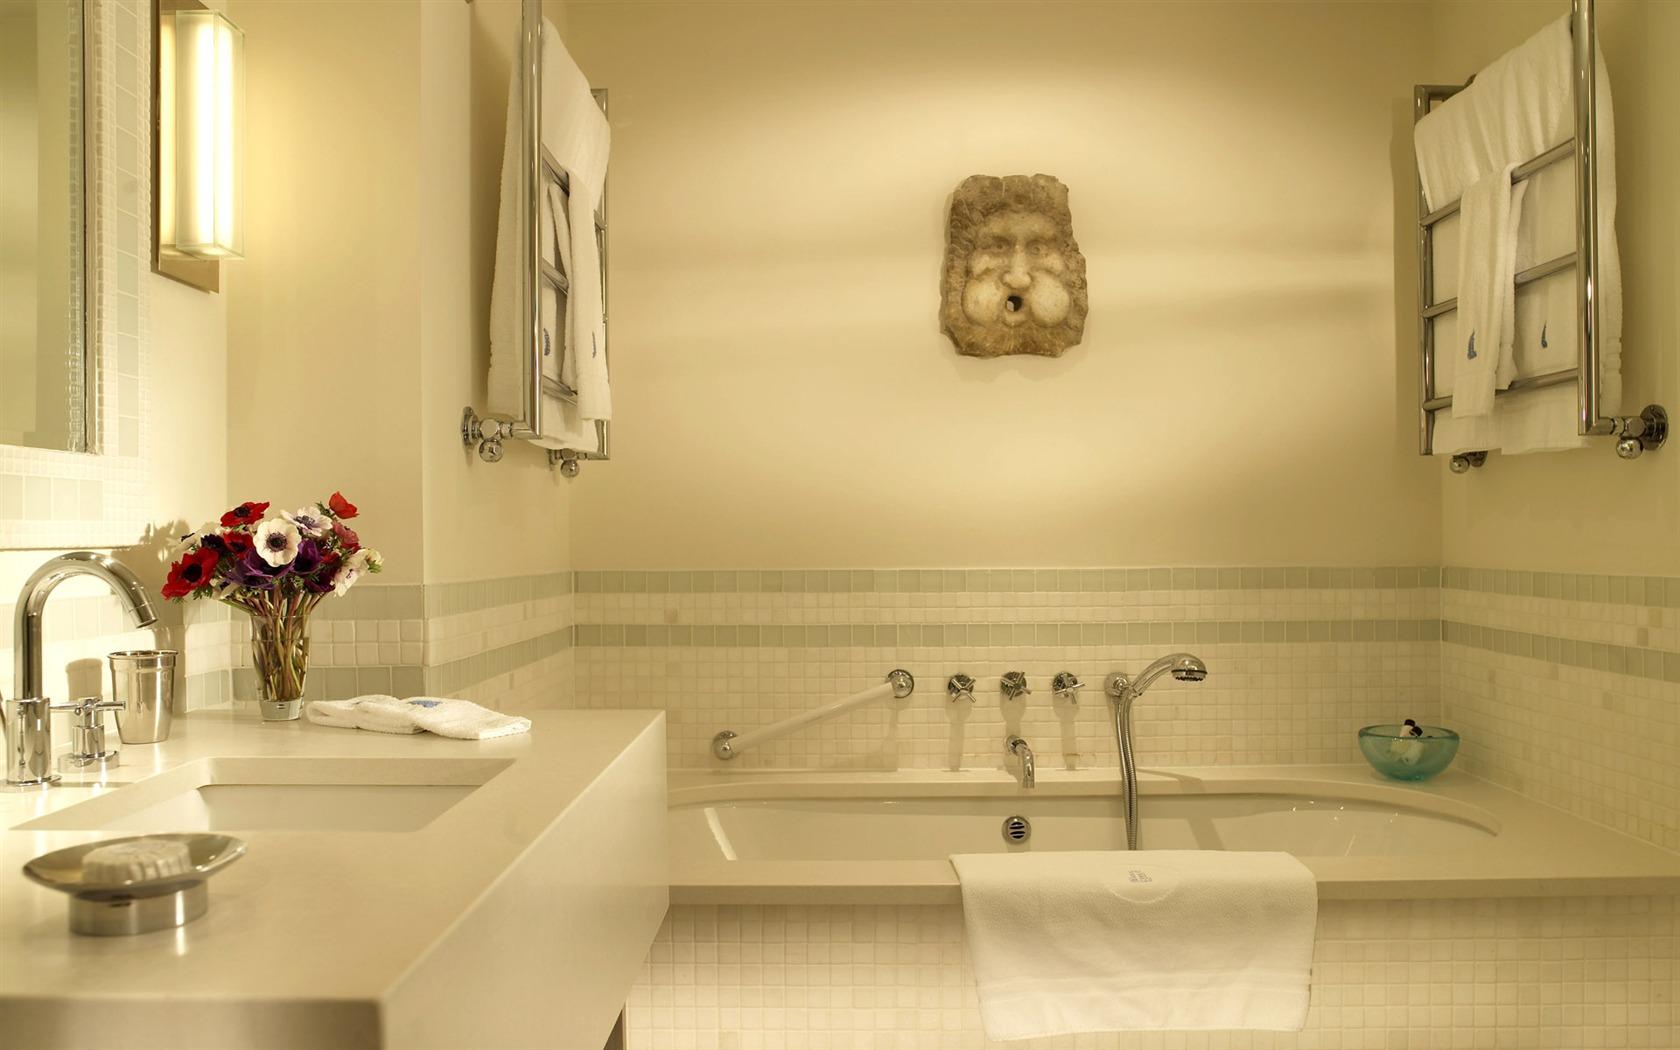 fond d 39 cran photo salle de bain 1 2 1680x1050 fond d 39 cran t l charger fond d 39 cran. Black Bedroom Furniture Sets. Home Design Ideas